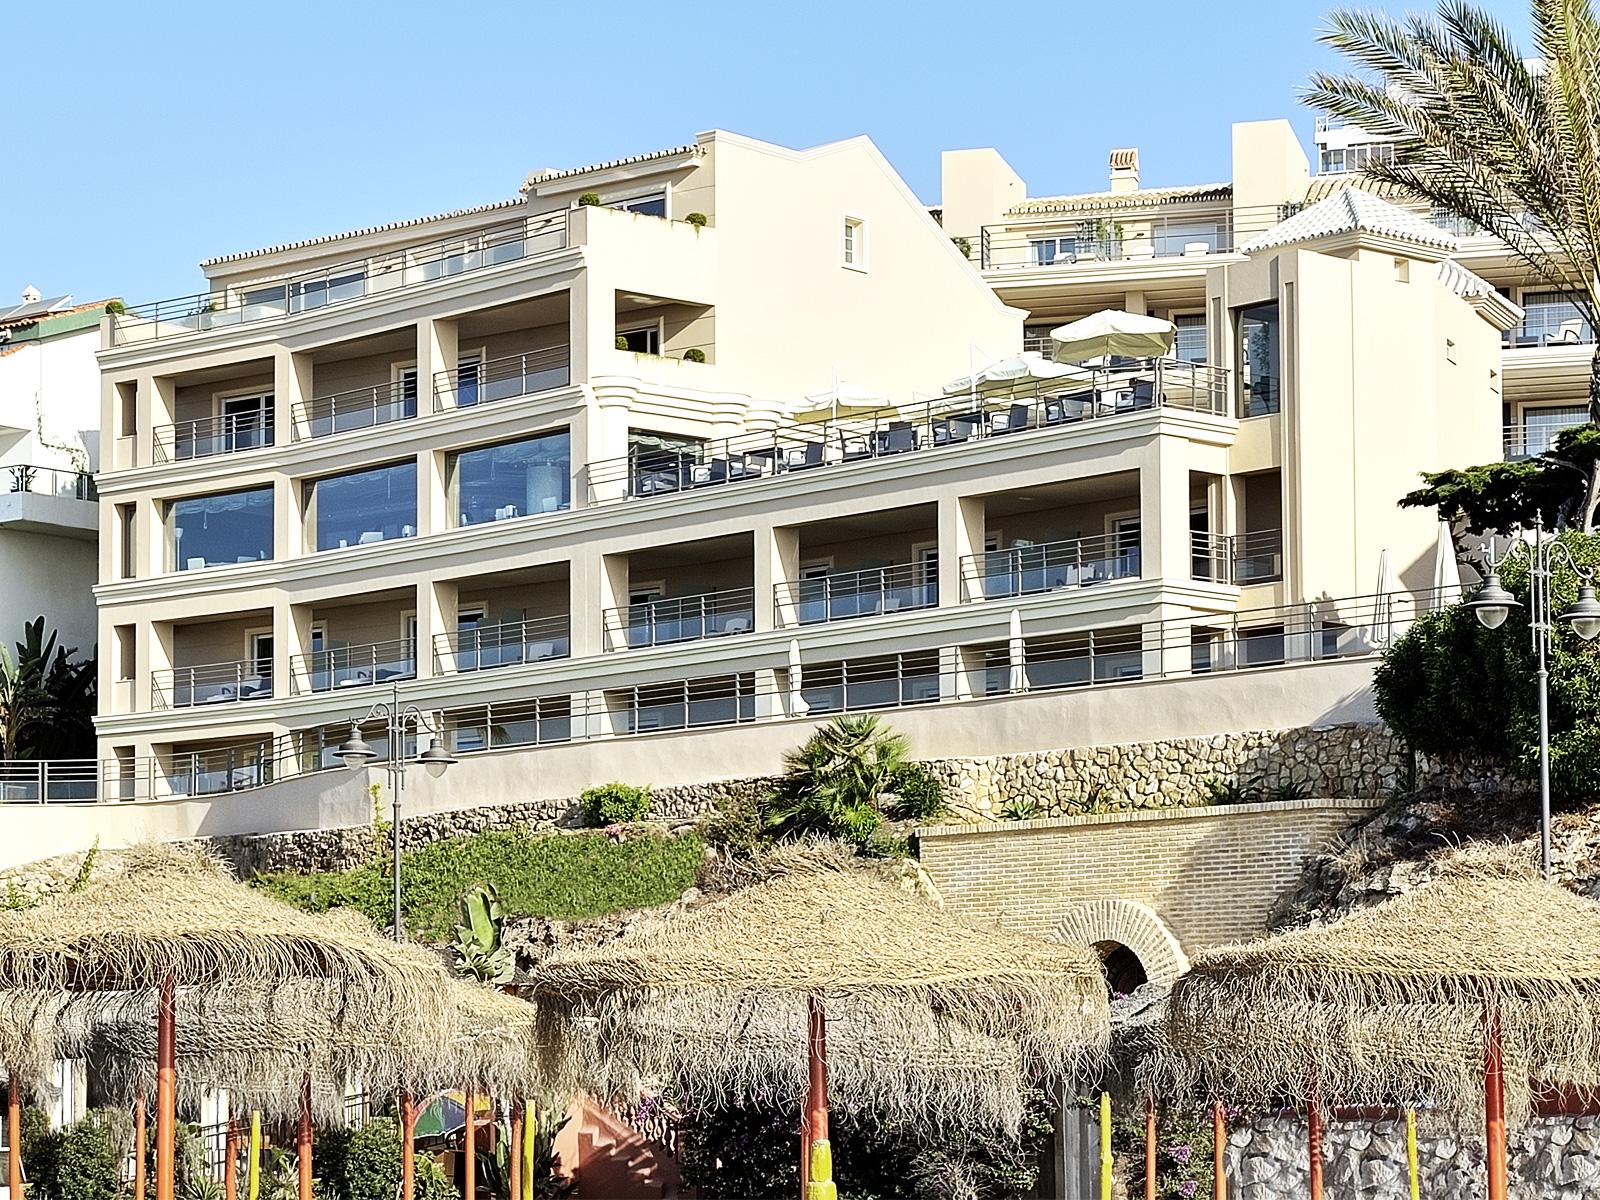 Facade-Vincci Aleysa Boutique&Spa 5* - Benalmádena - Málaga